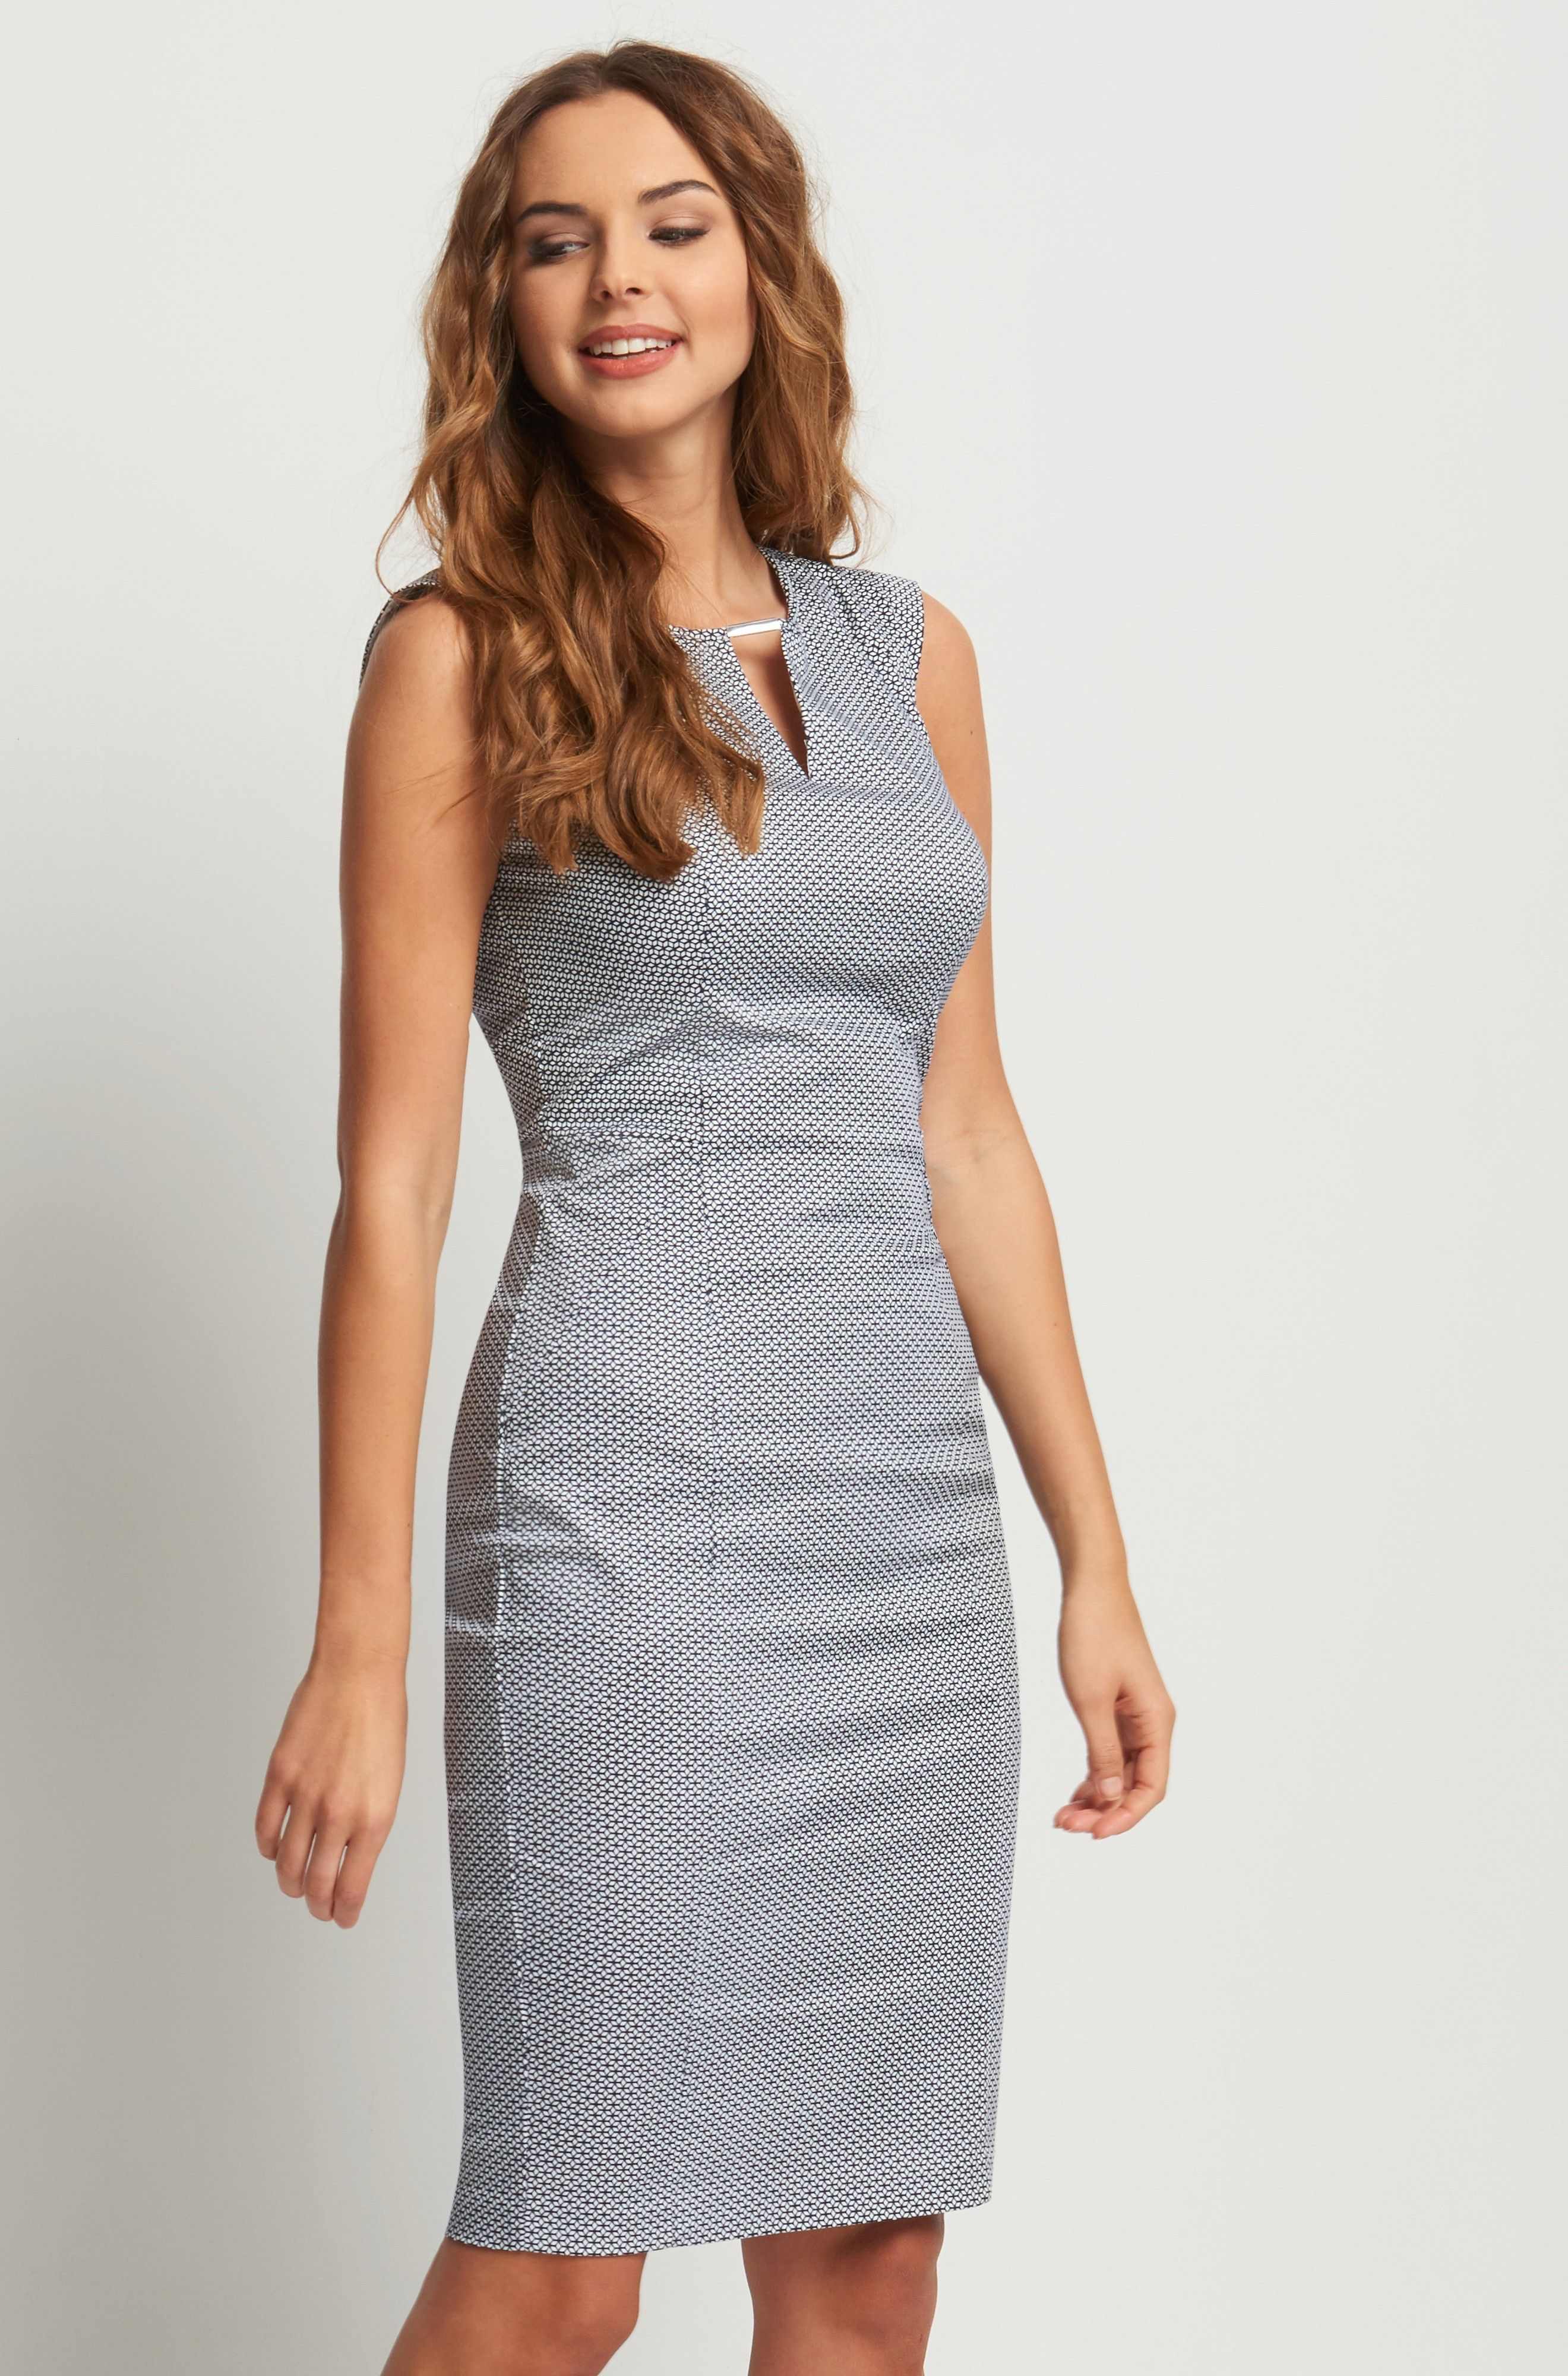 Ołówkowa sukienka w geometryczny wzór  ORSAY (With images